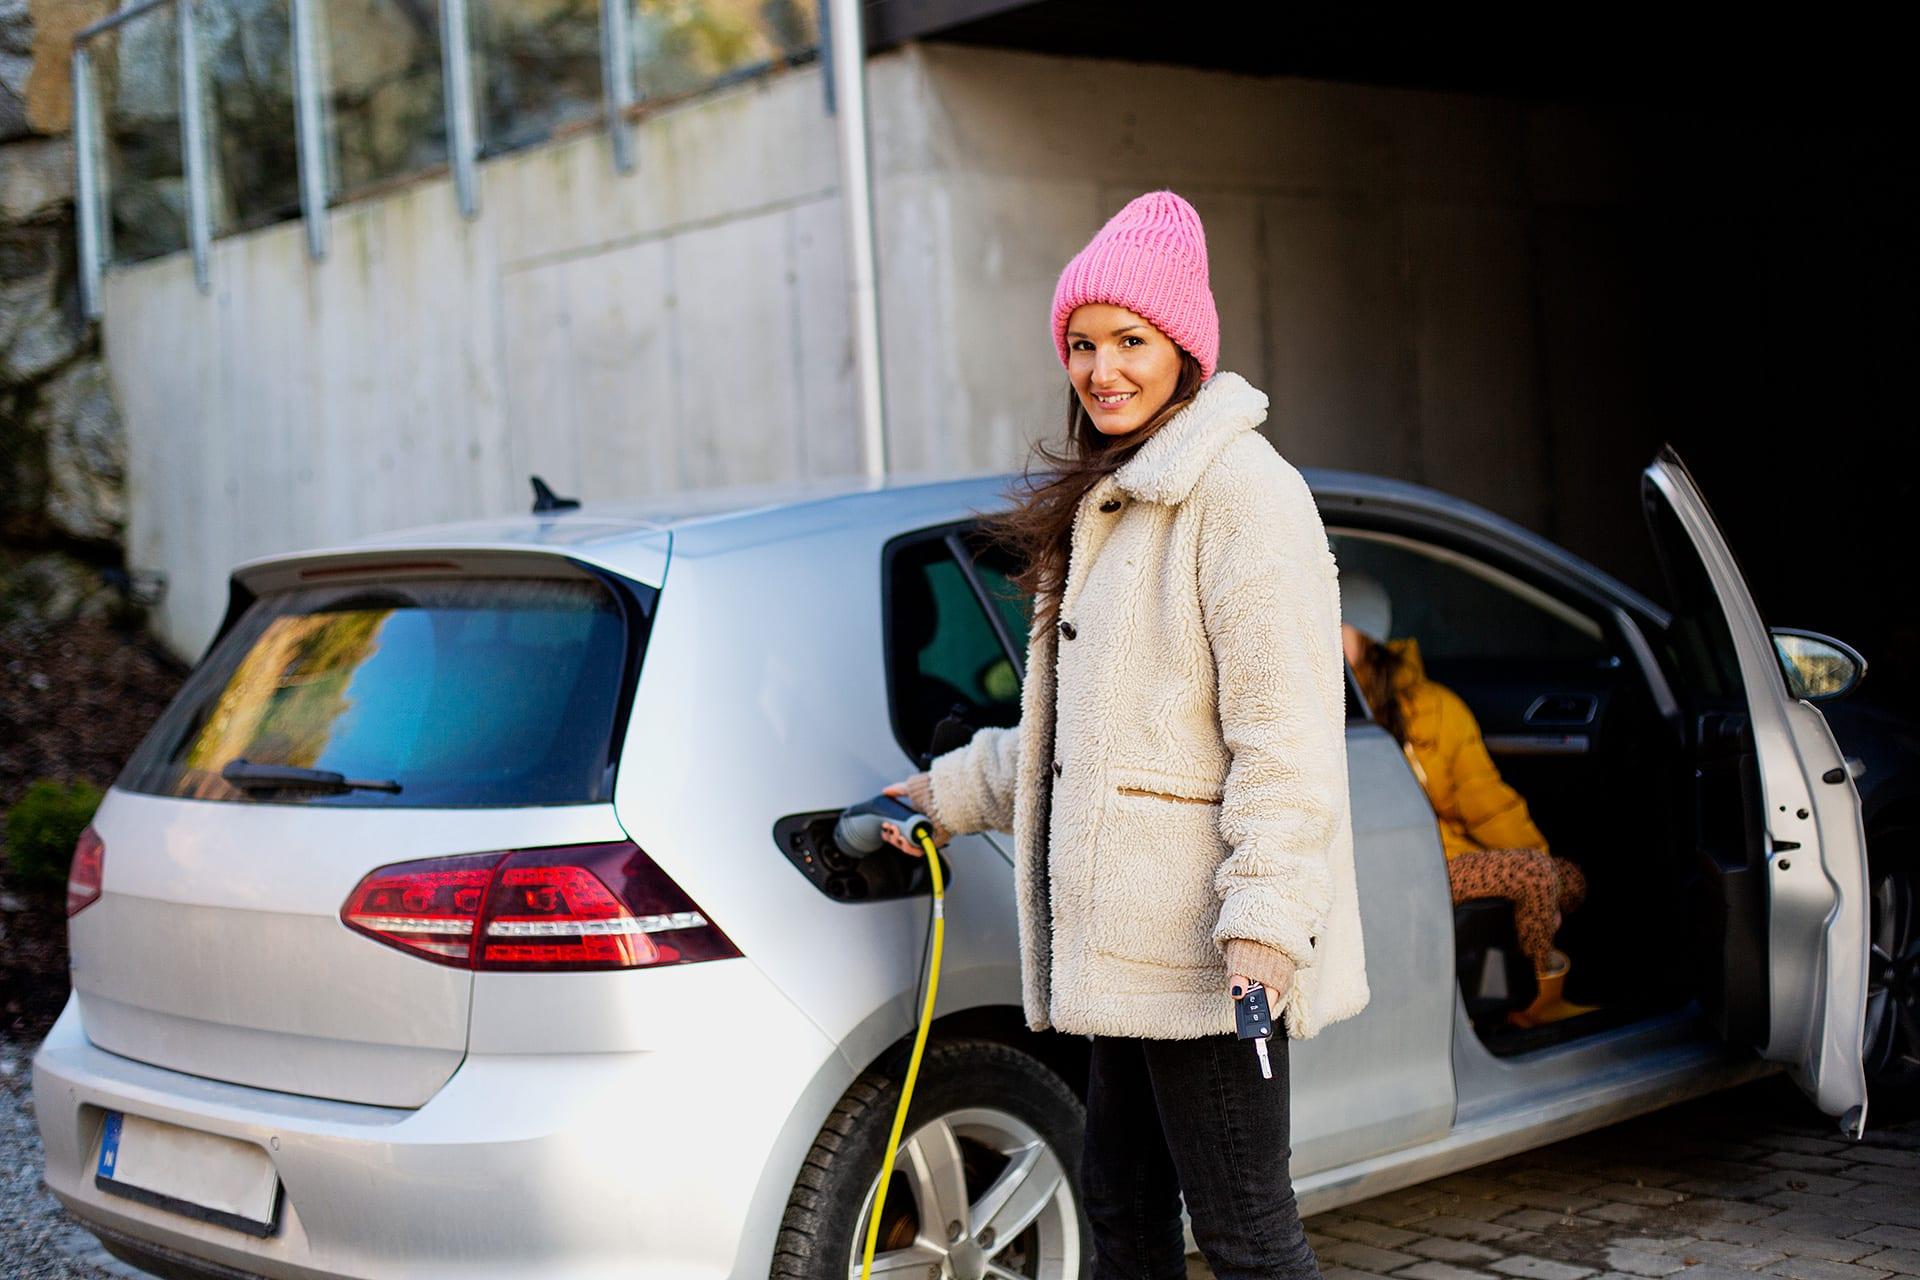 Kvinna laddar en elbil.